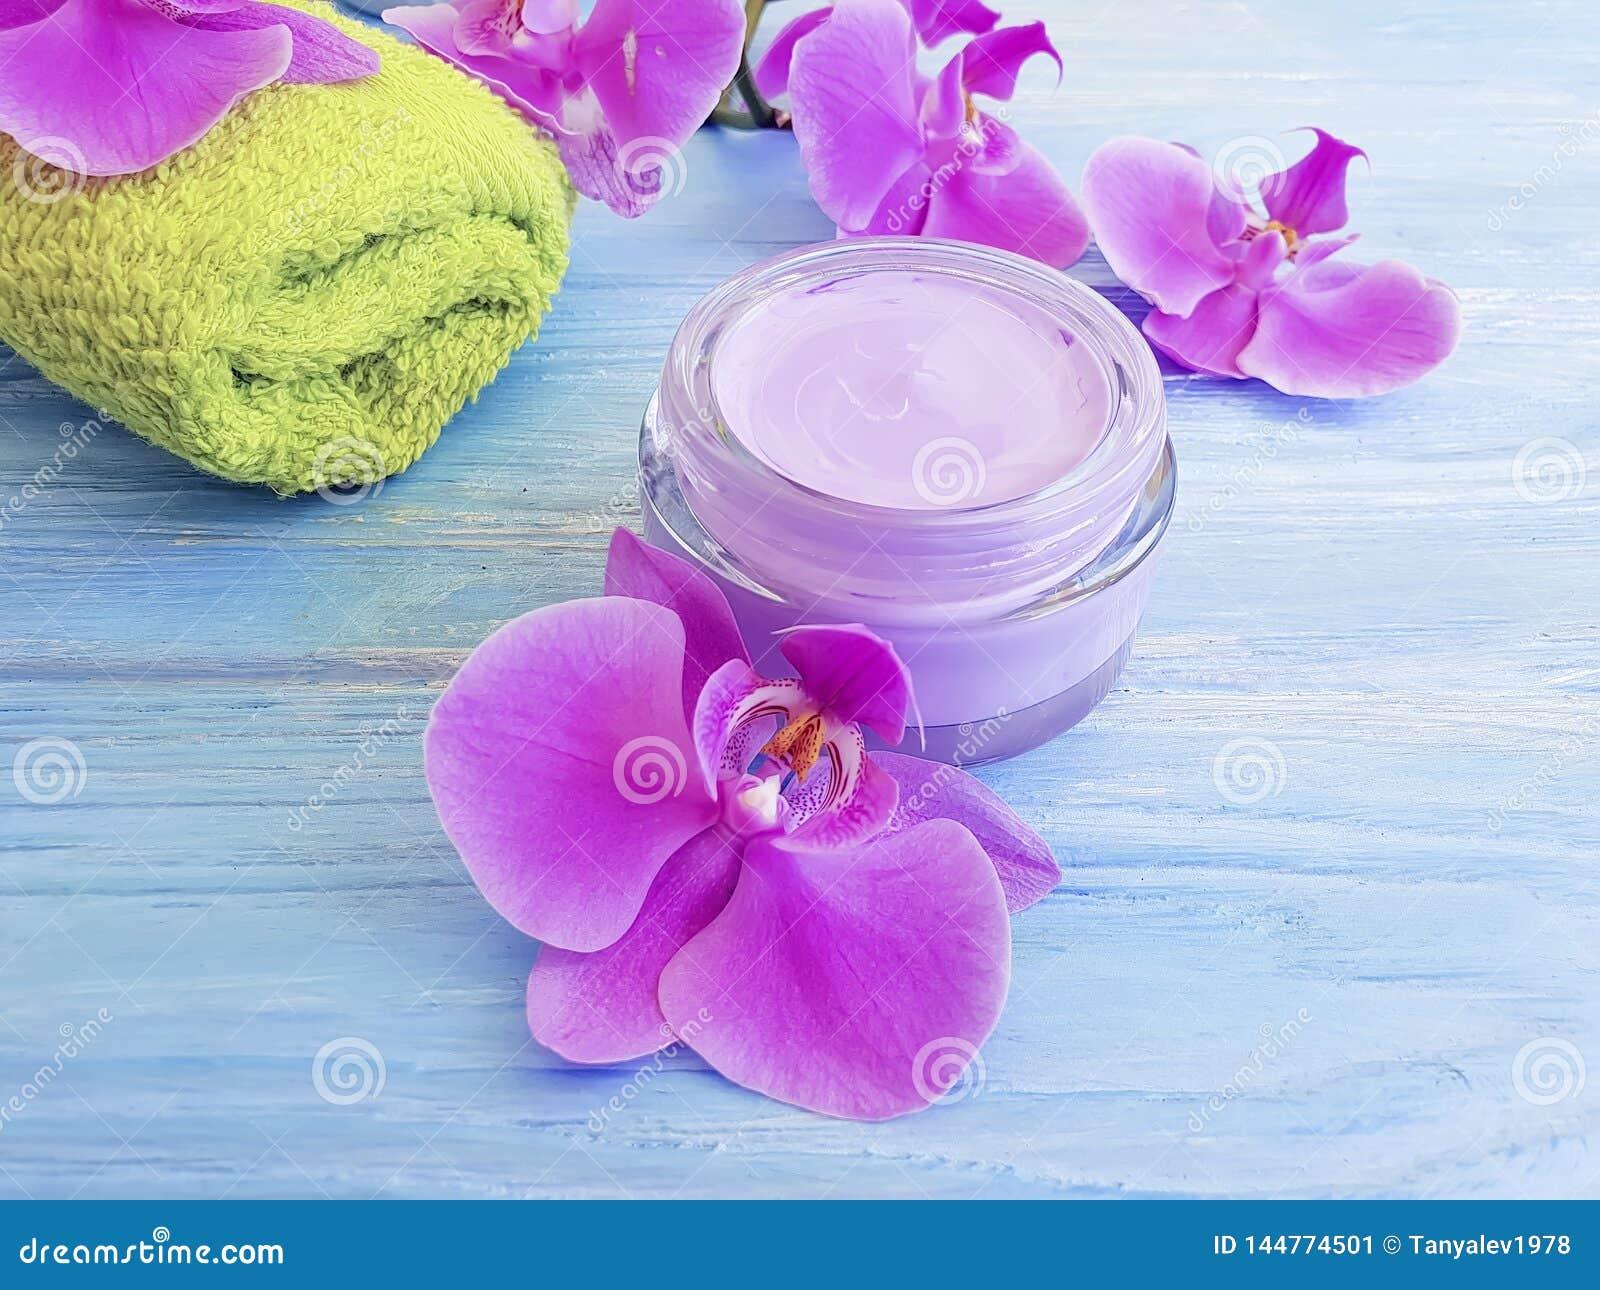 Van het de bloem natuurlijke reinigingsmiddel van de room kosmetische orchidee de lente mooie behandeling op houten achtergrond